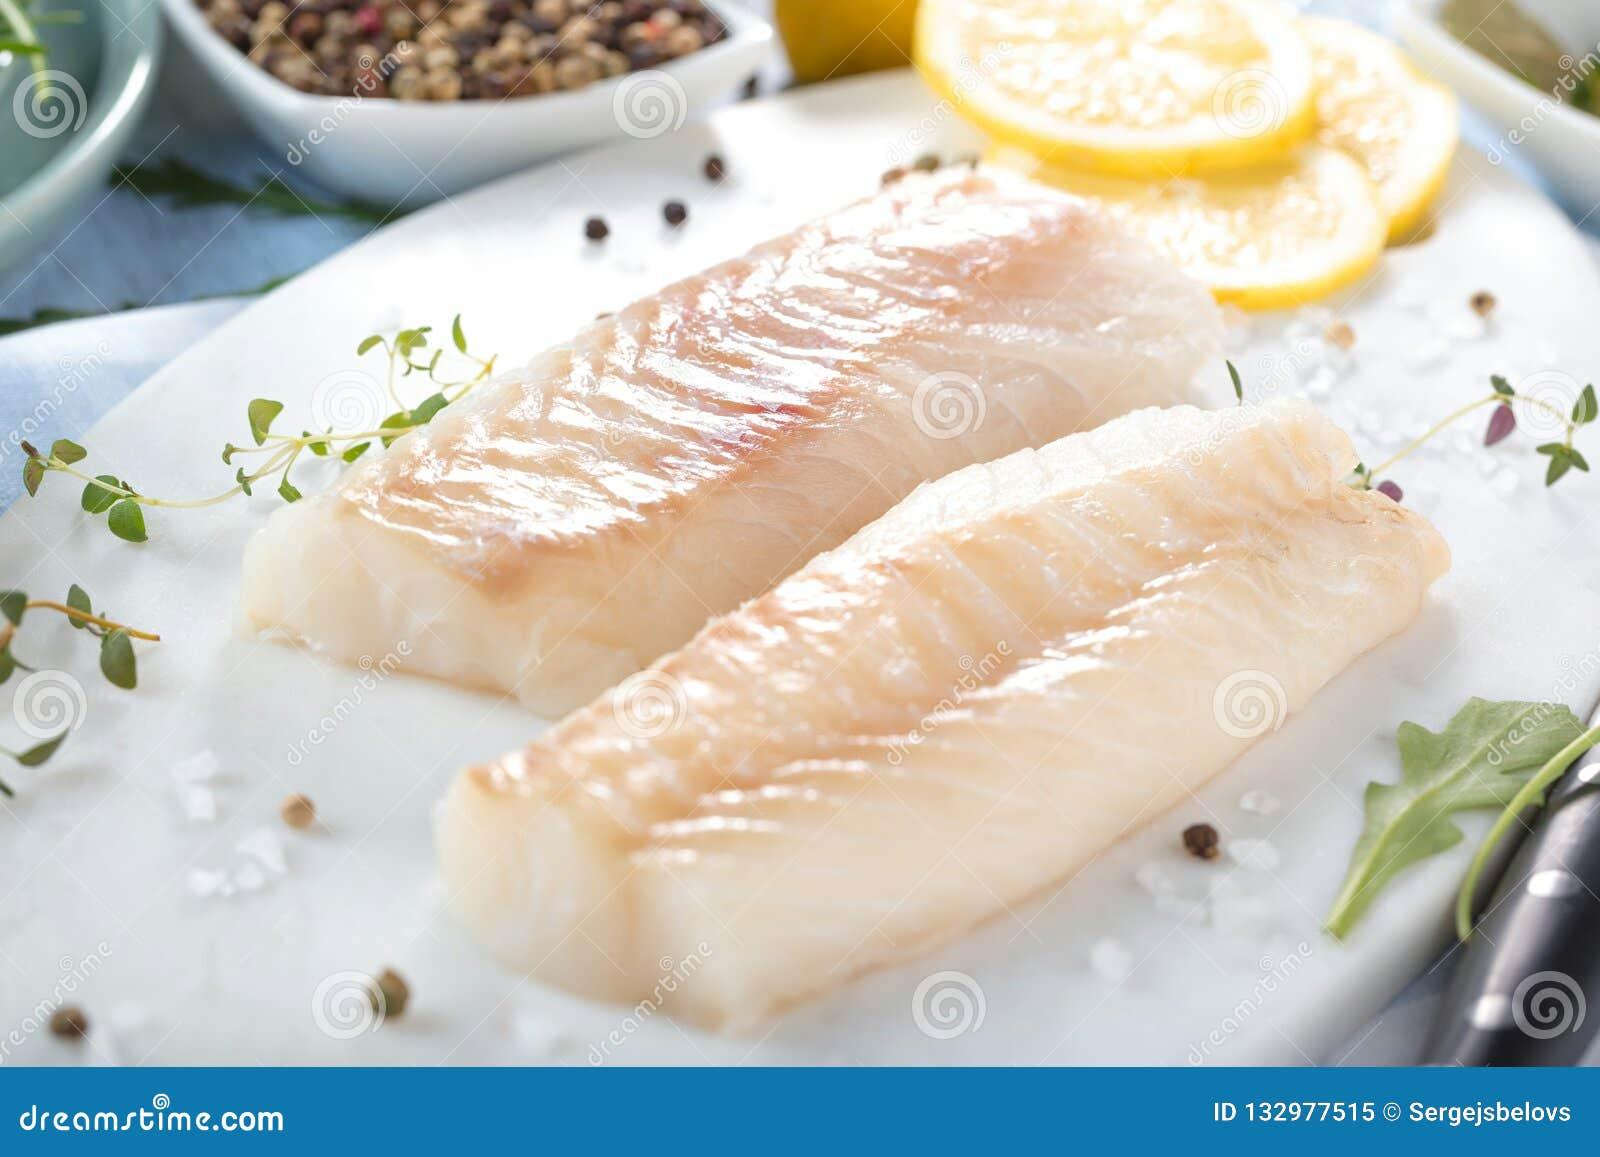 Φρέσκα ψάρια, ακατέργαστες λωρίδες βακαλάων με την προσθήκη των χορταριών και λεμόνι